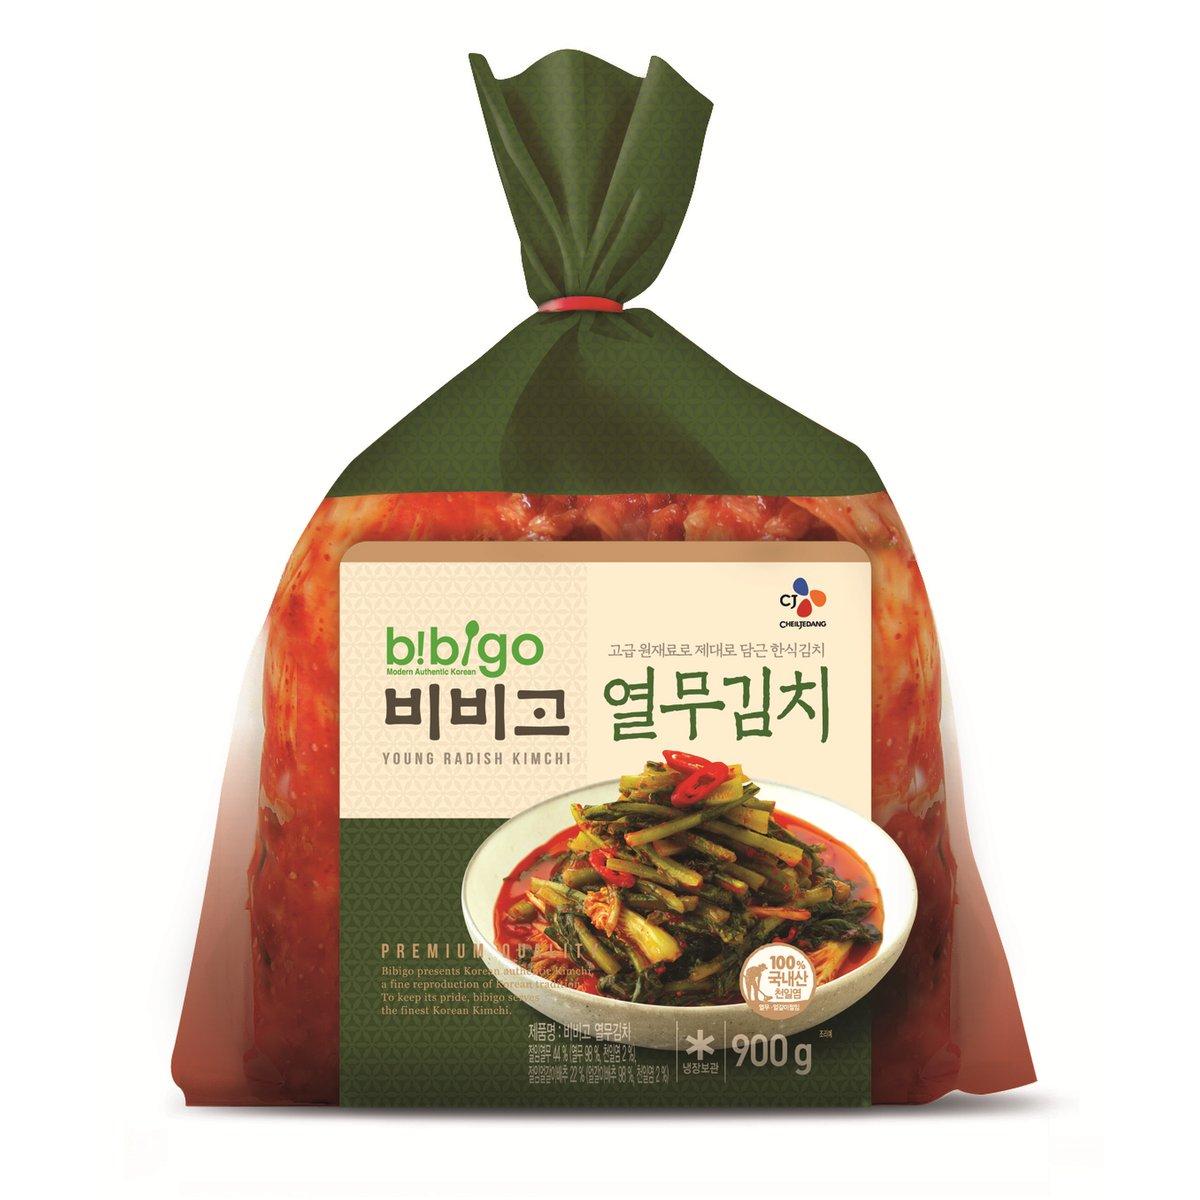 Консервированные и Маринованные продукты 캔,김치,반찬,즉석요리